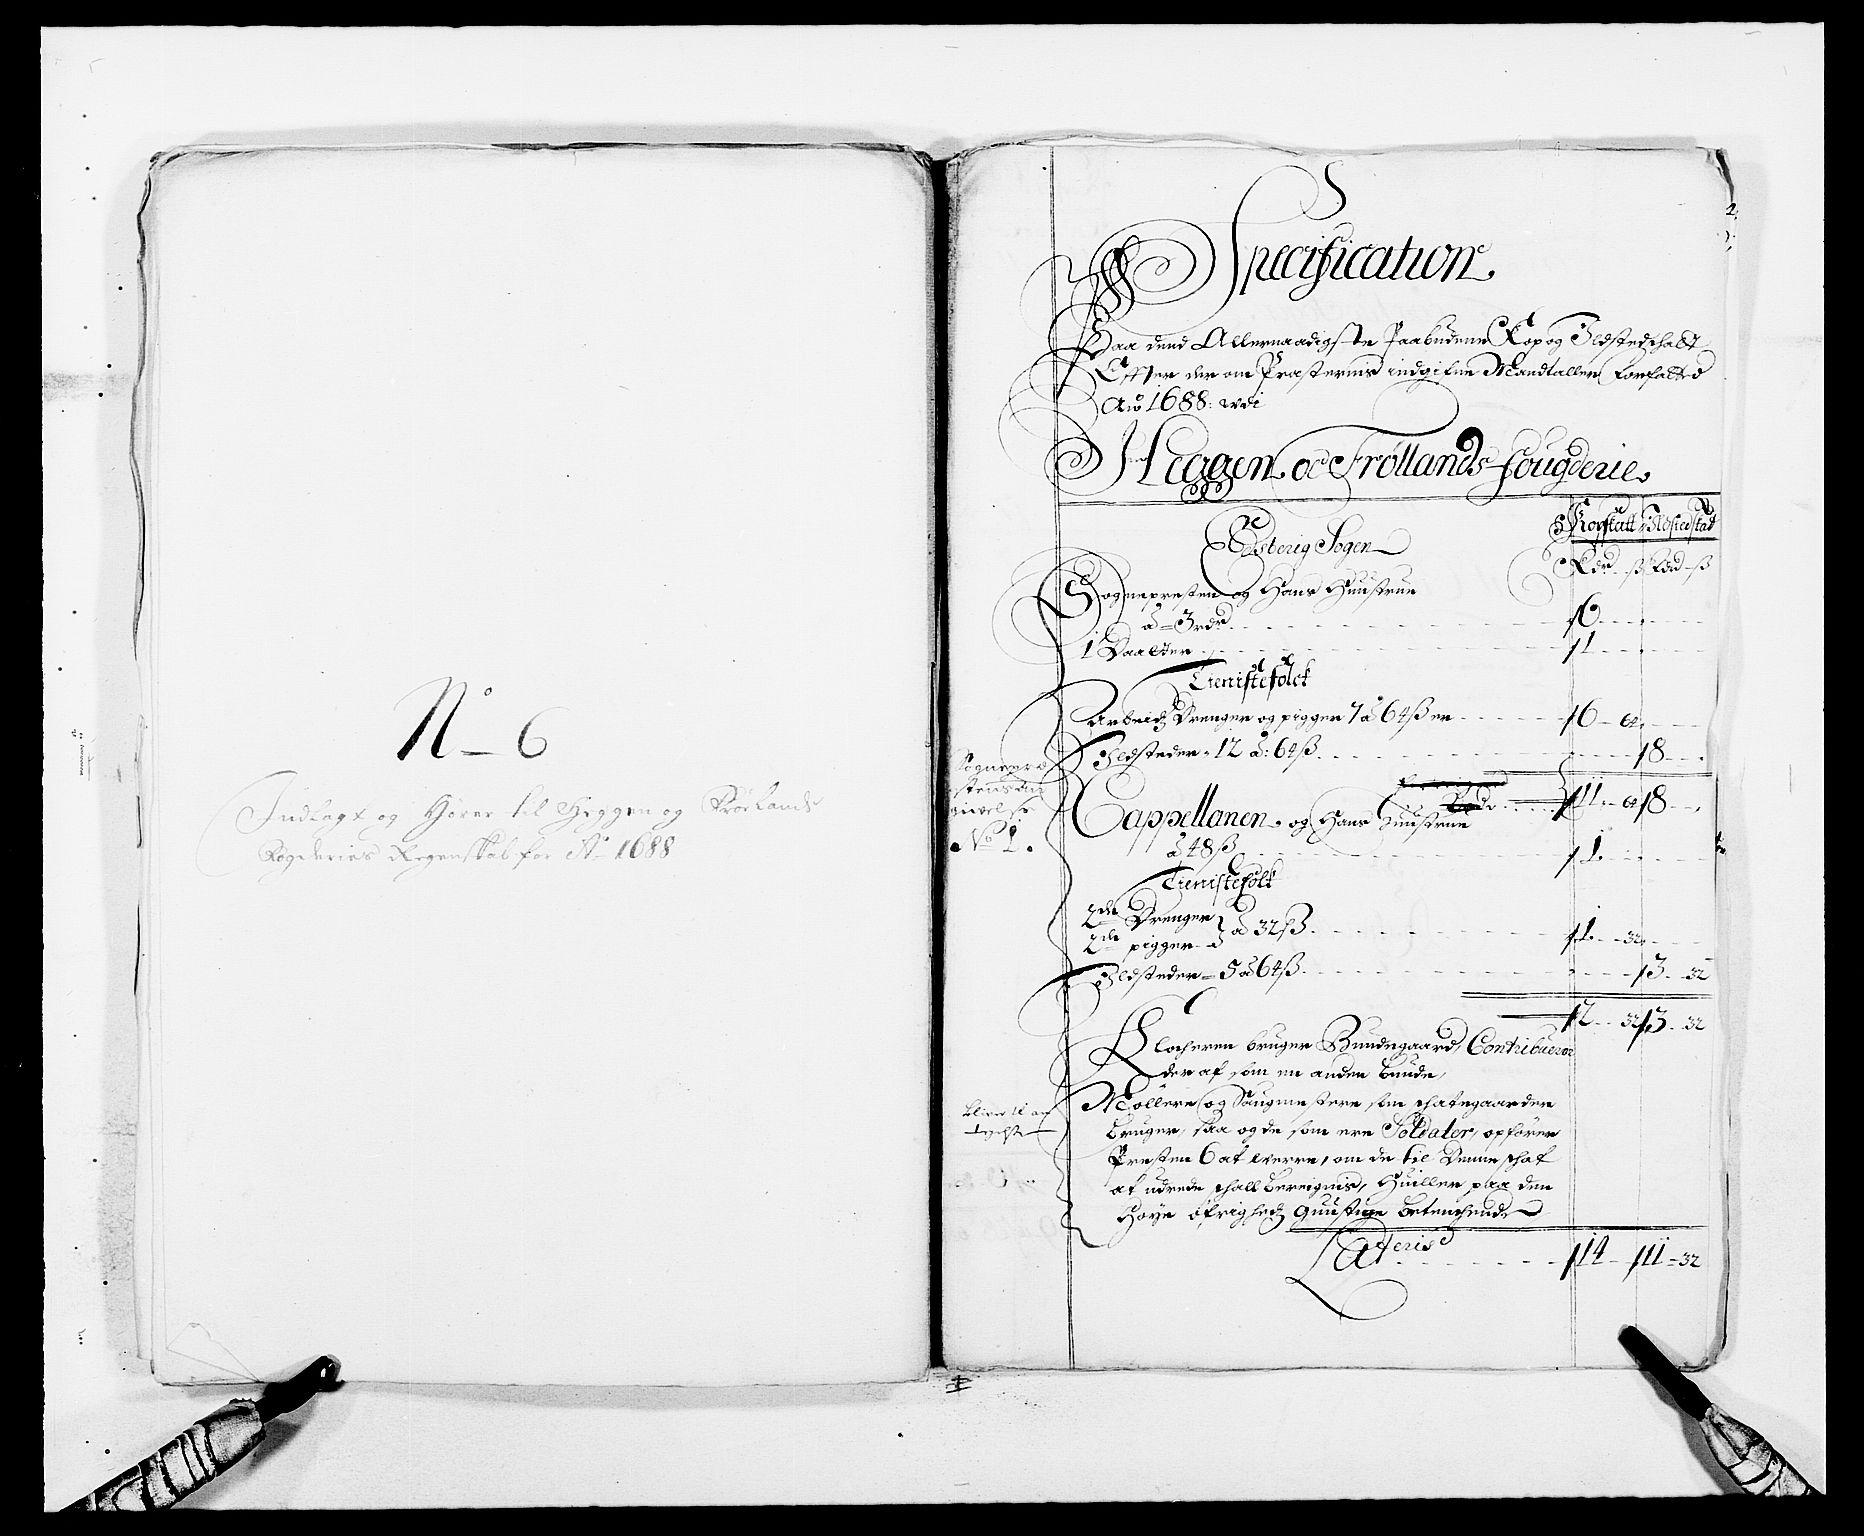 RA, Rentekammeret inntil 1814, Reviderte regnskaper, Fogderegnskap, R06/L0282: Fogderegnskap Heggen og Frøland, 1687-1690, s. 104